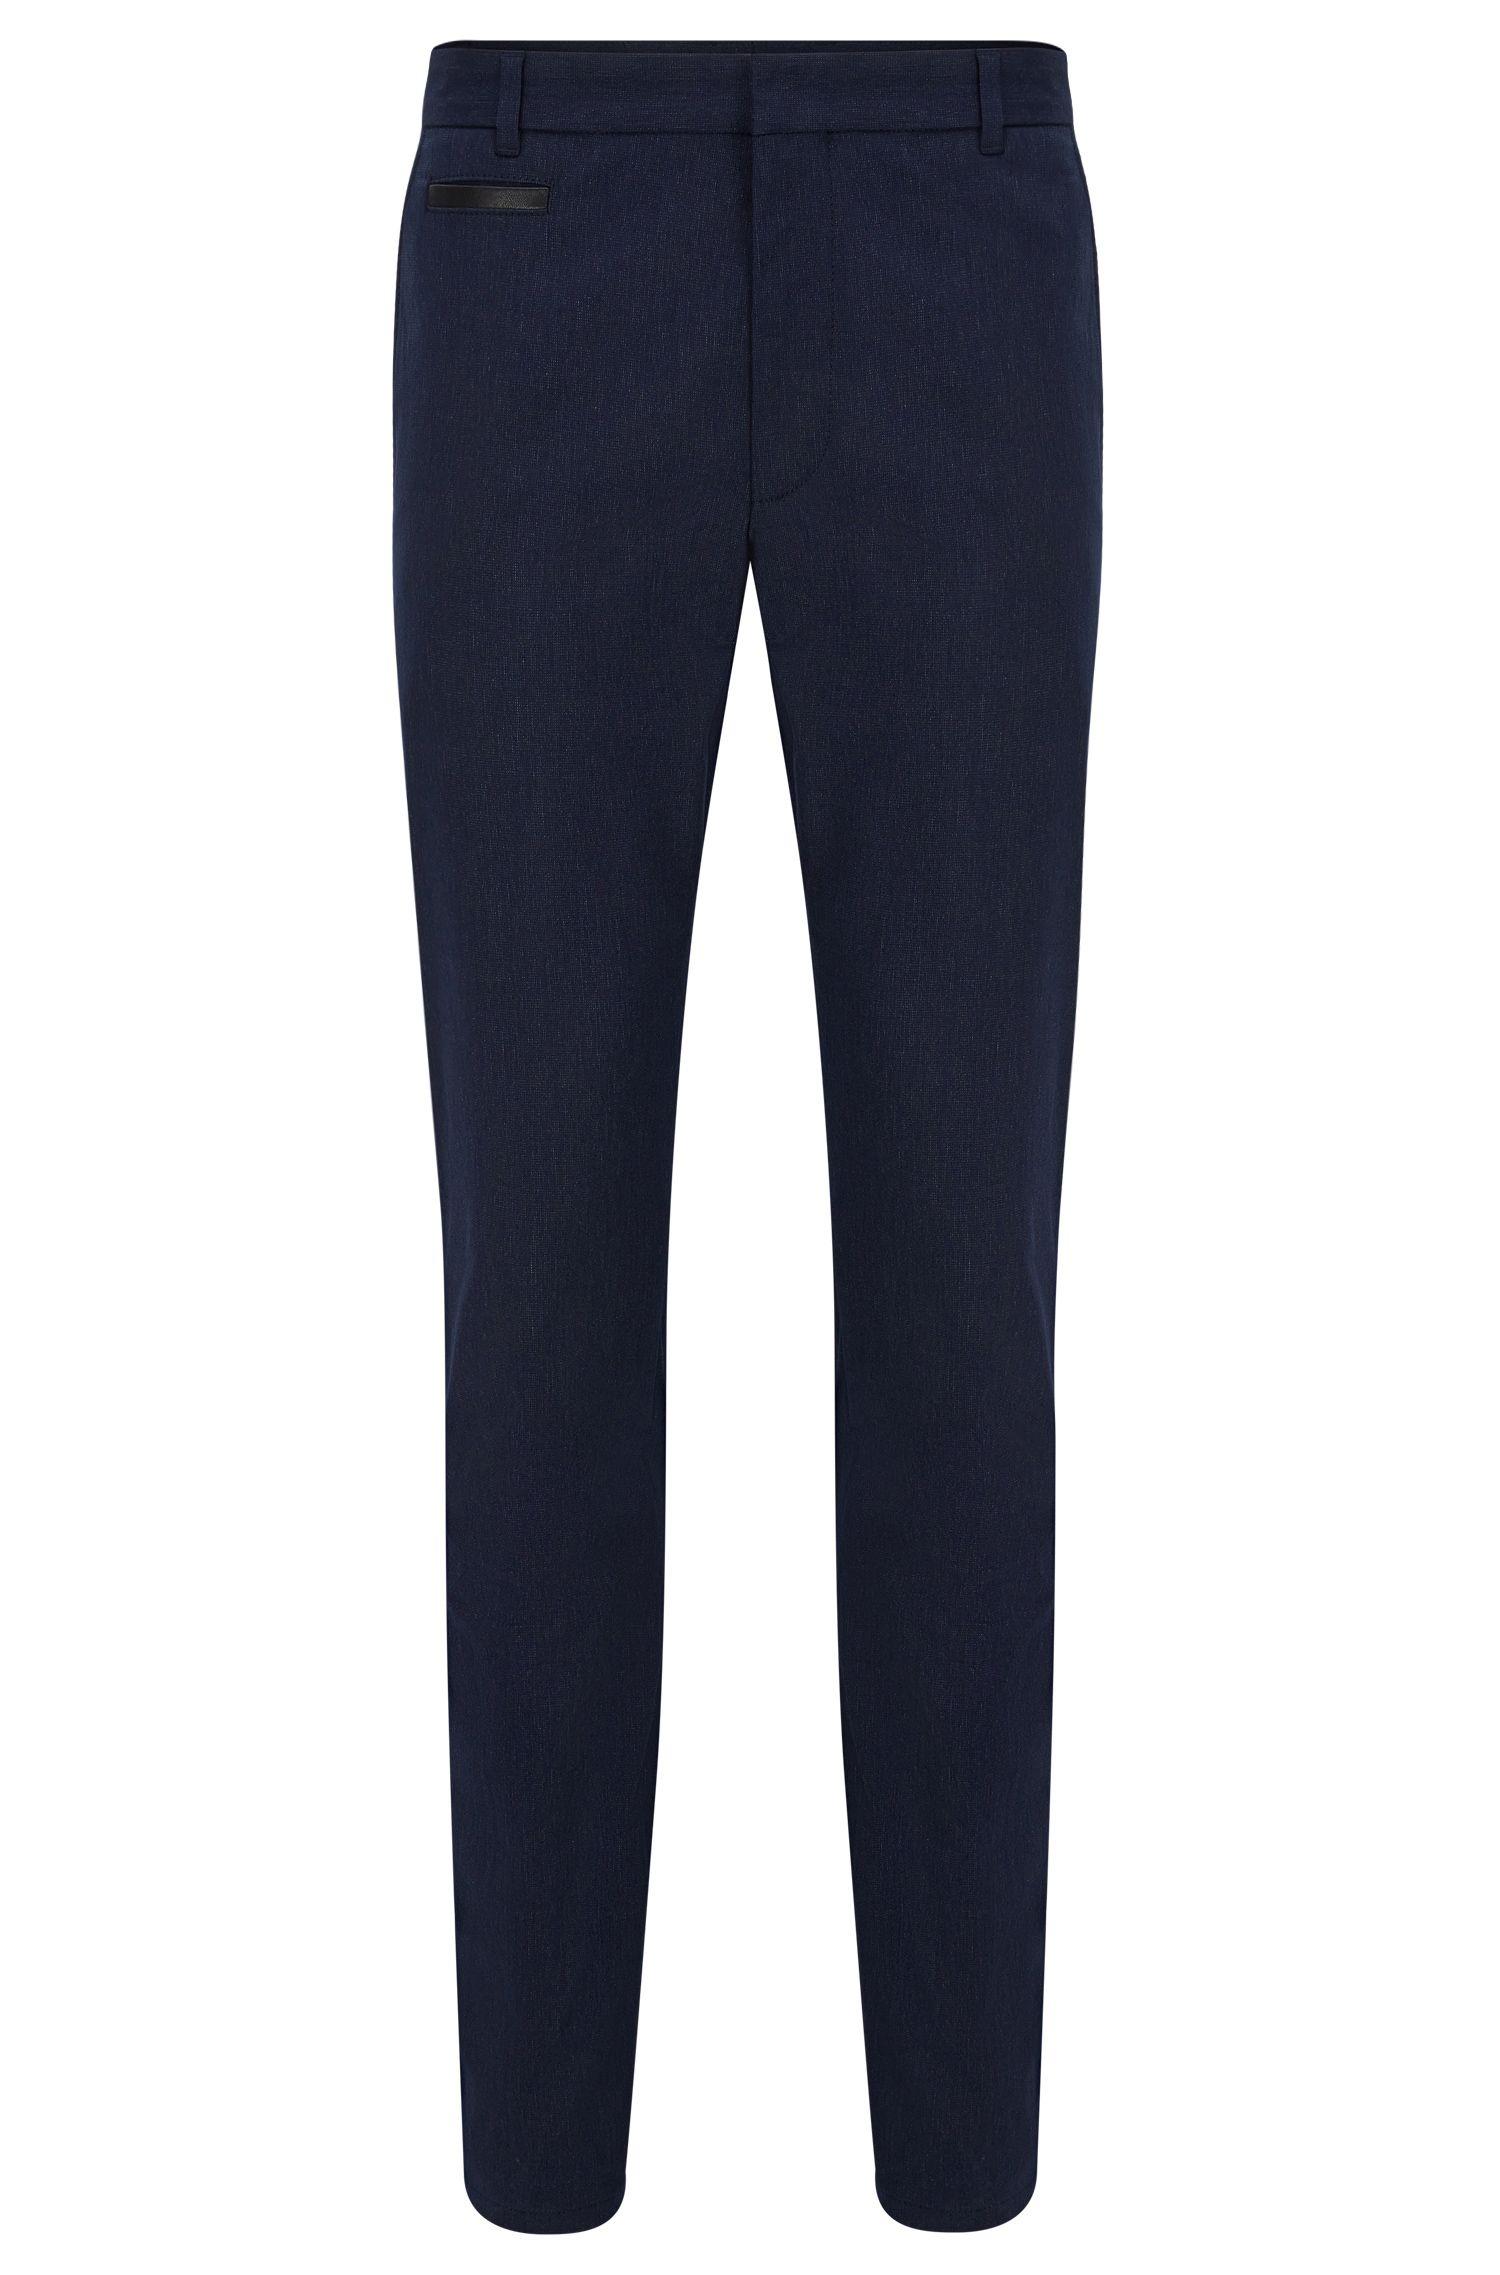 Pantalon Extra Slim Fit en coton mélangé avec passepoil en cuir